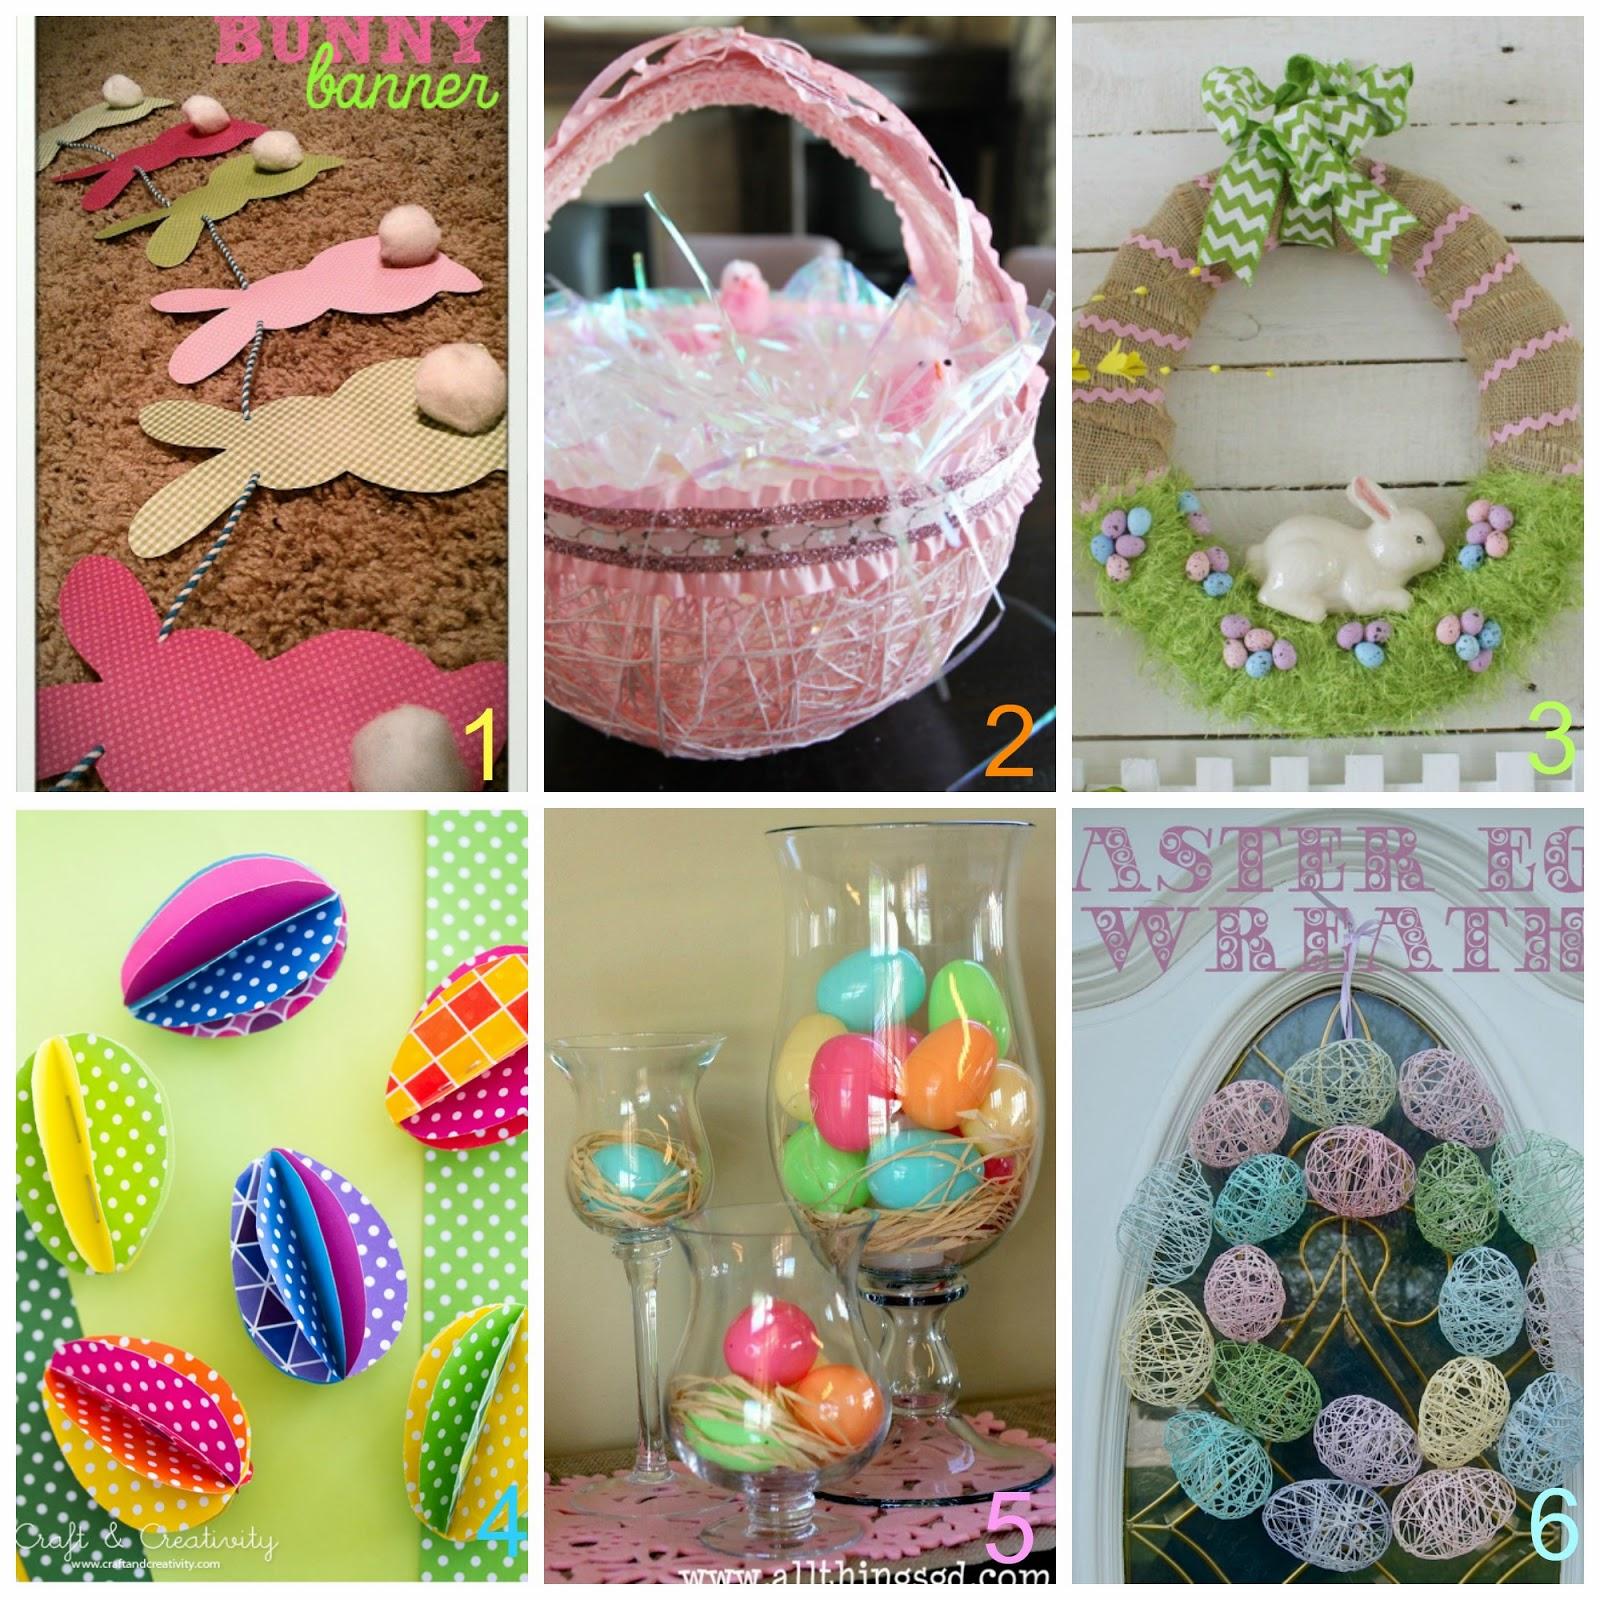 Pasqua decorazioni pasquali facili fai da te 8 tutorial donneinpink magazine - Decorazioni uova pasquali per bambini ...